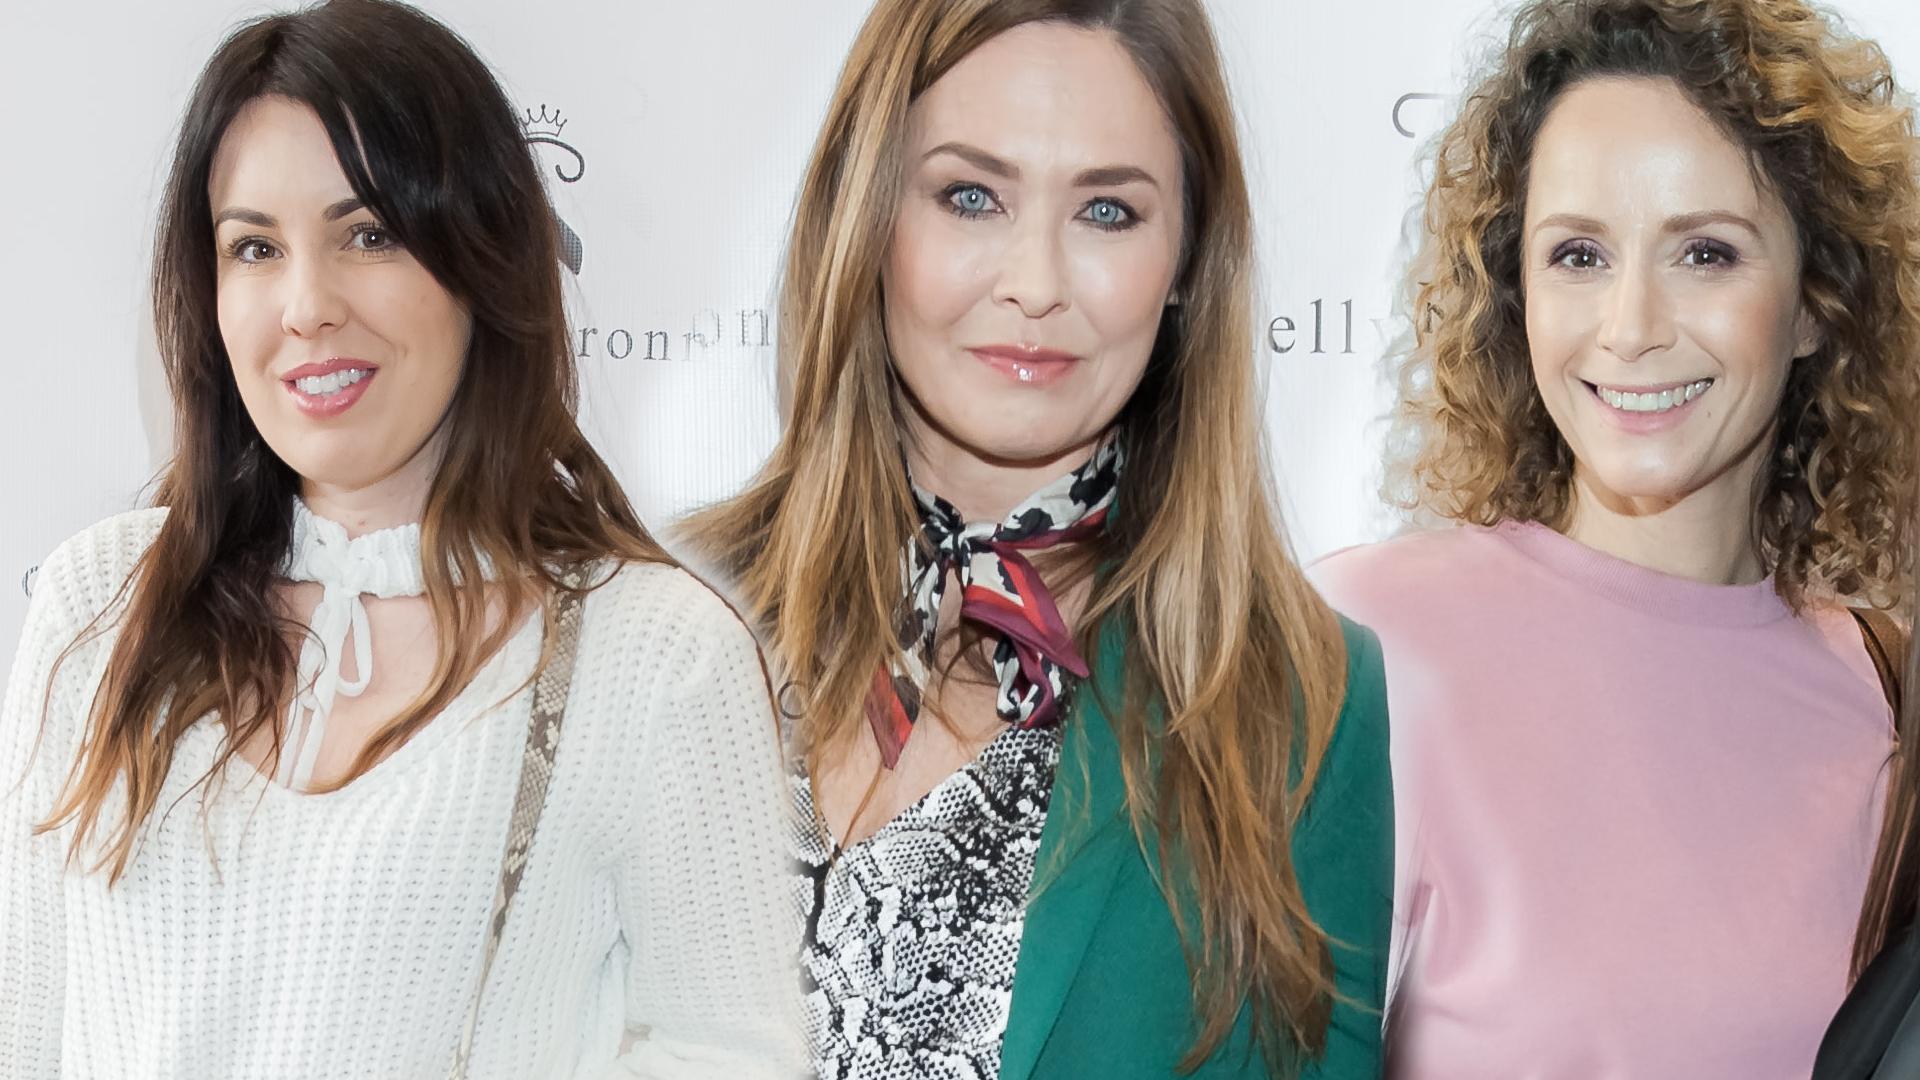 Eliza Gwiazda, Dorota Naruszewicz i inni na otwarciu butiku Kelly Couronne